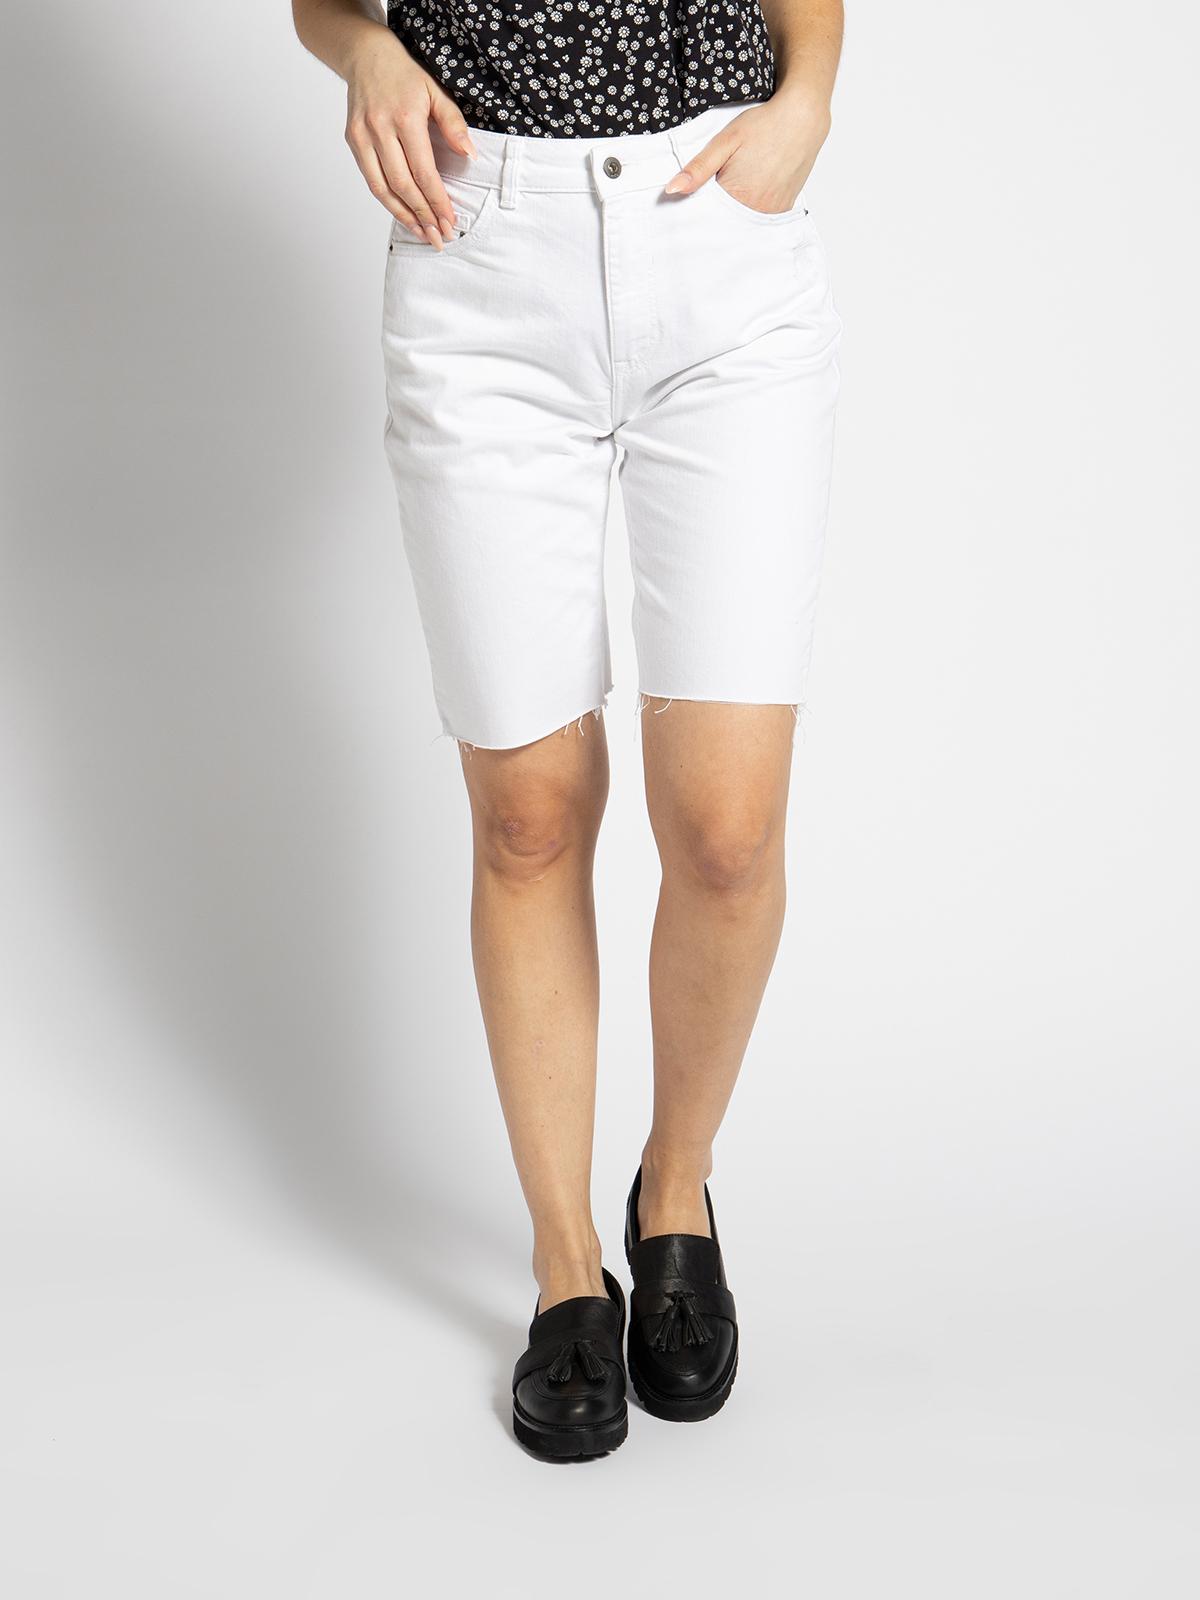 Esprit Jeansbermuda in weiss für Damen, Größe: 29